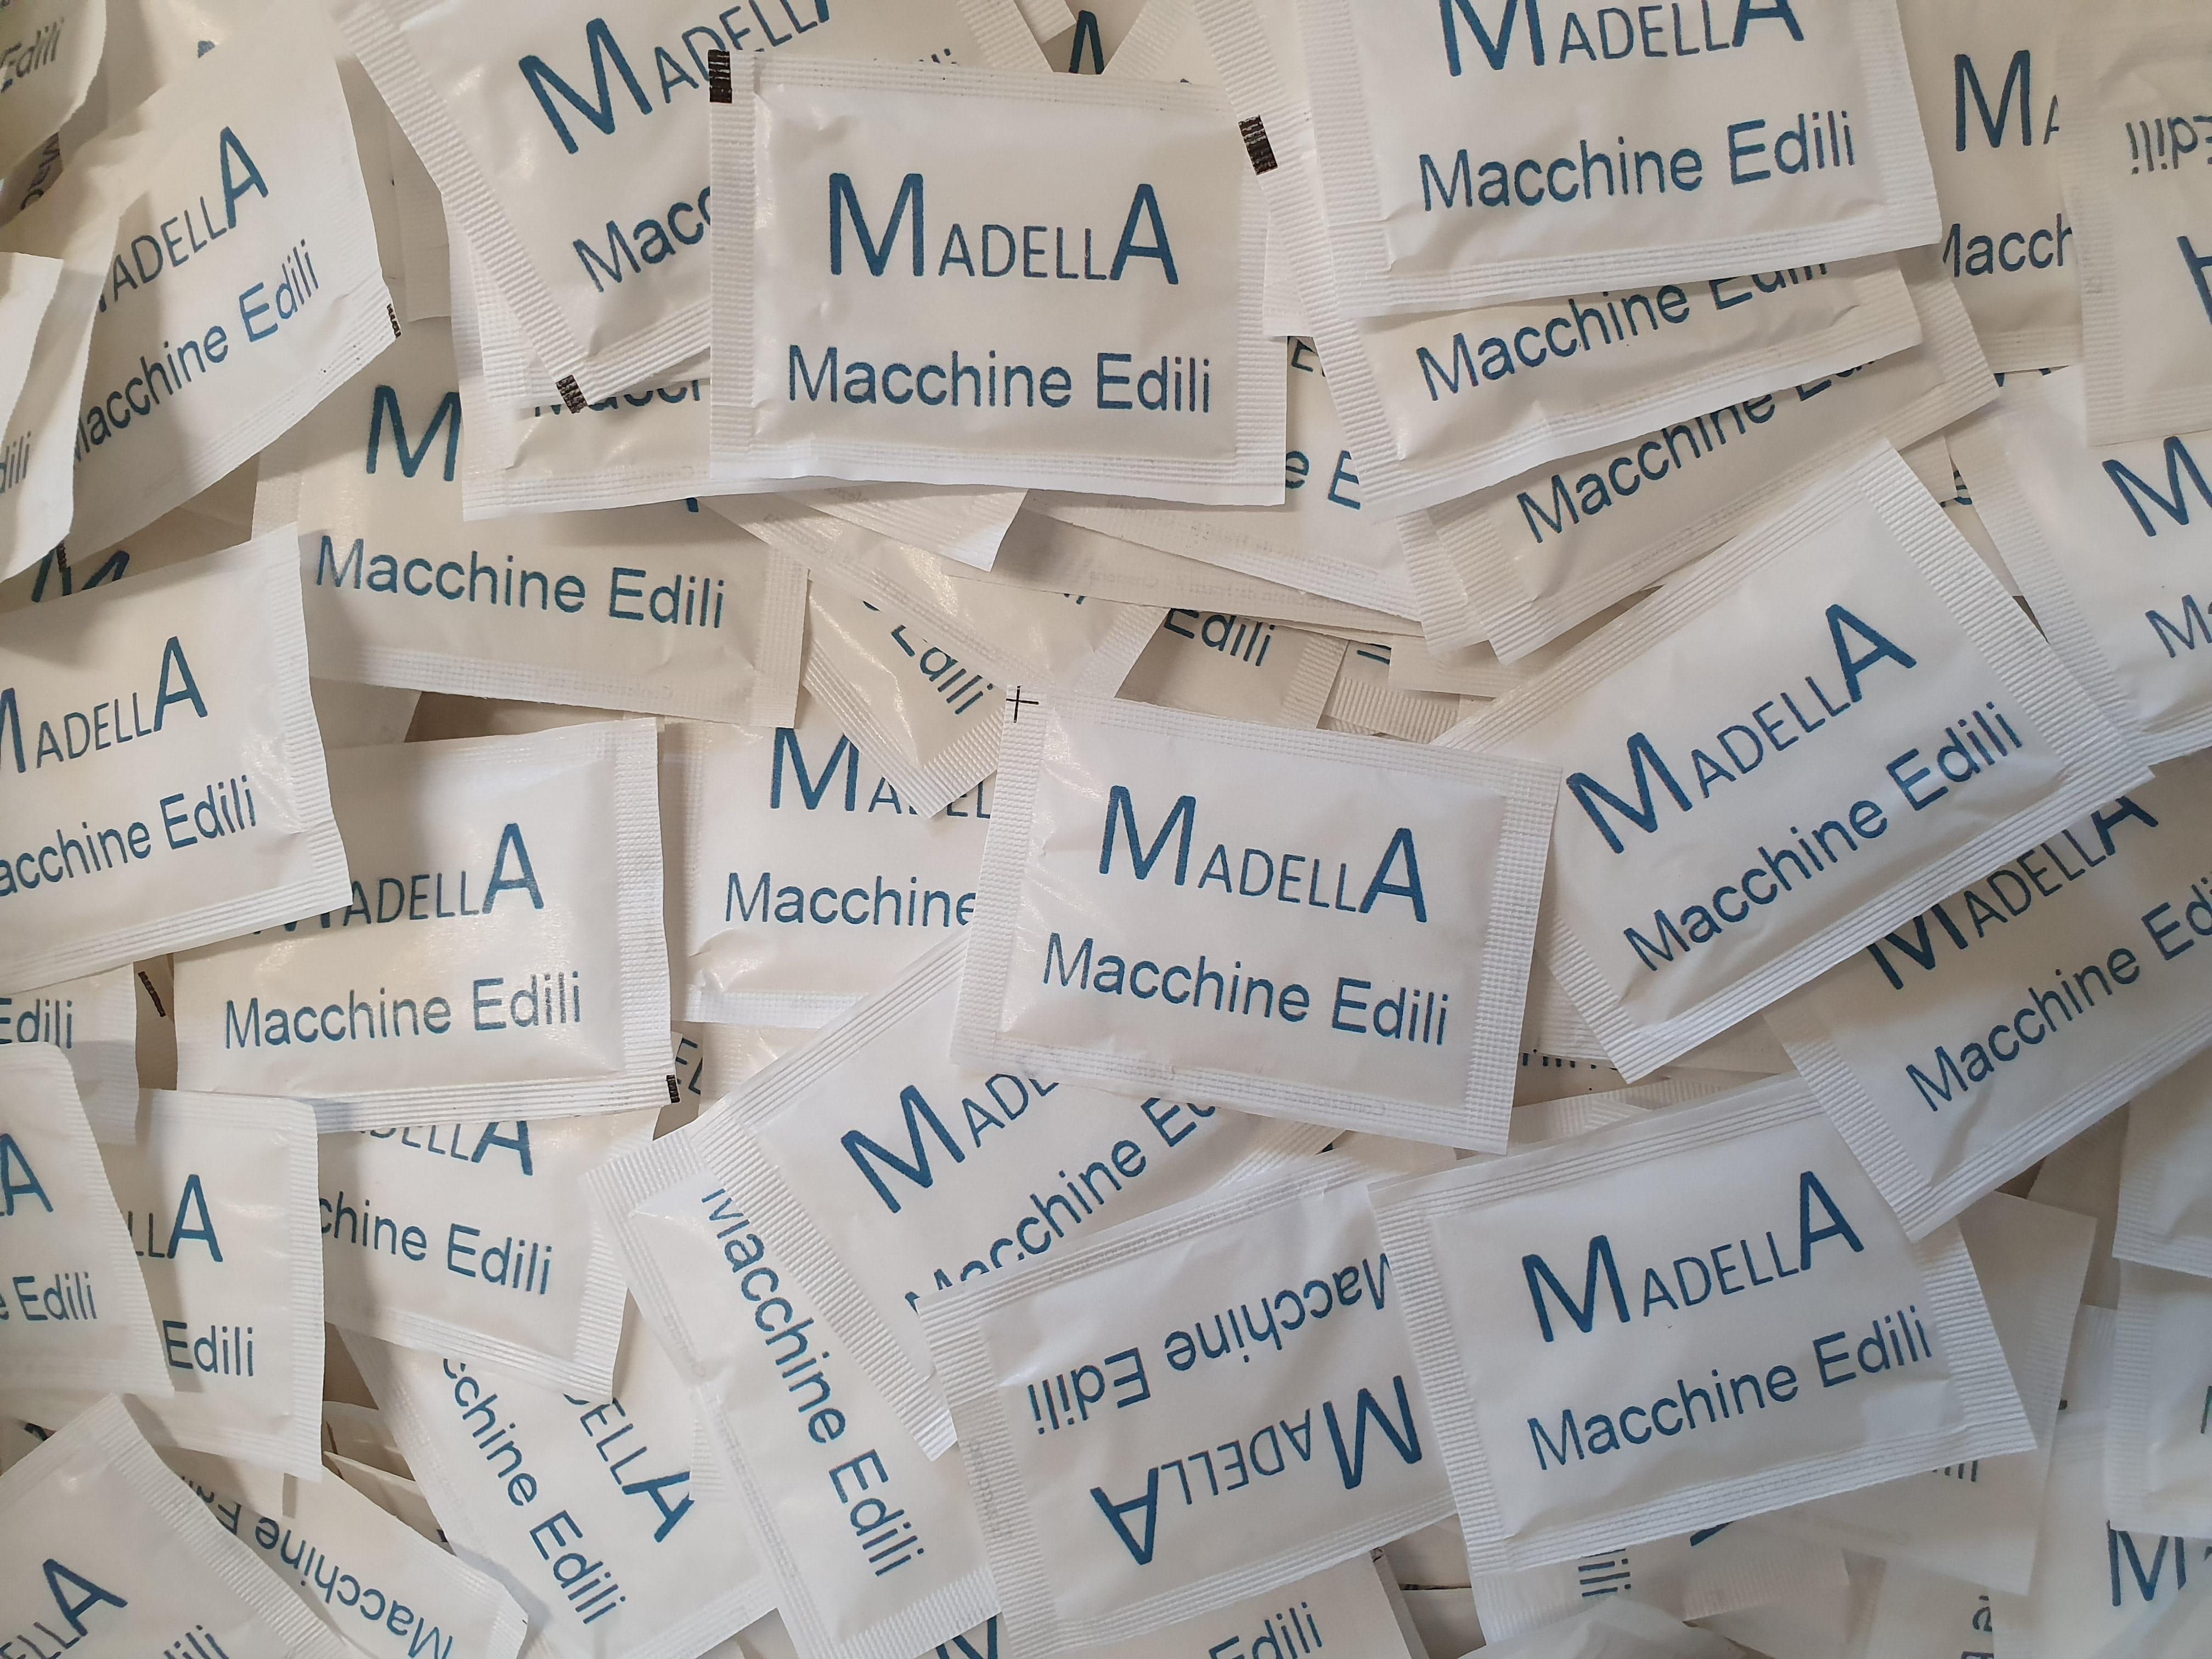 bustine-di-zucchero-personalizzate-madella-macchine-edili.jpg